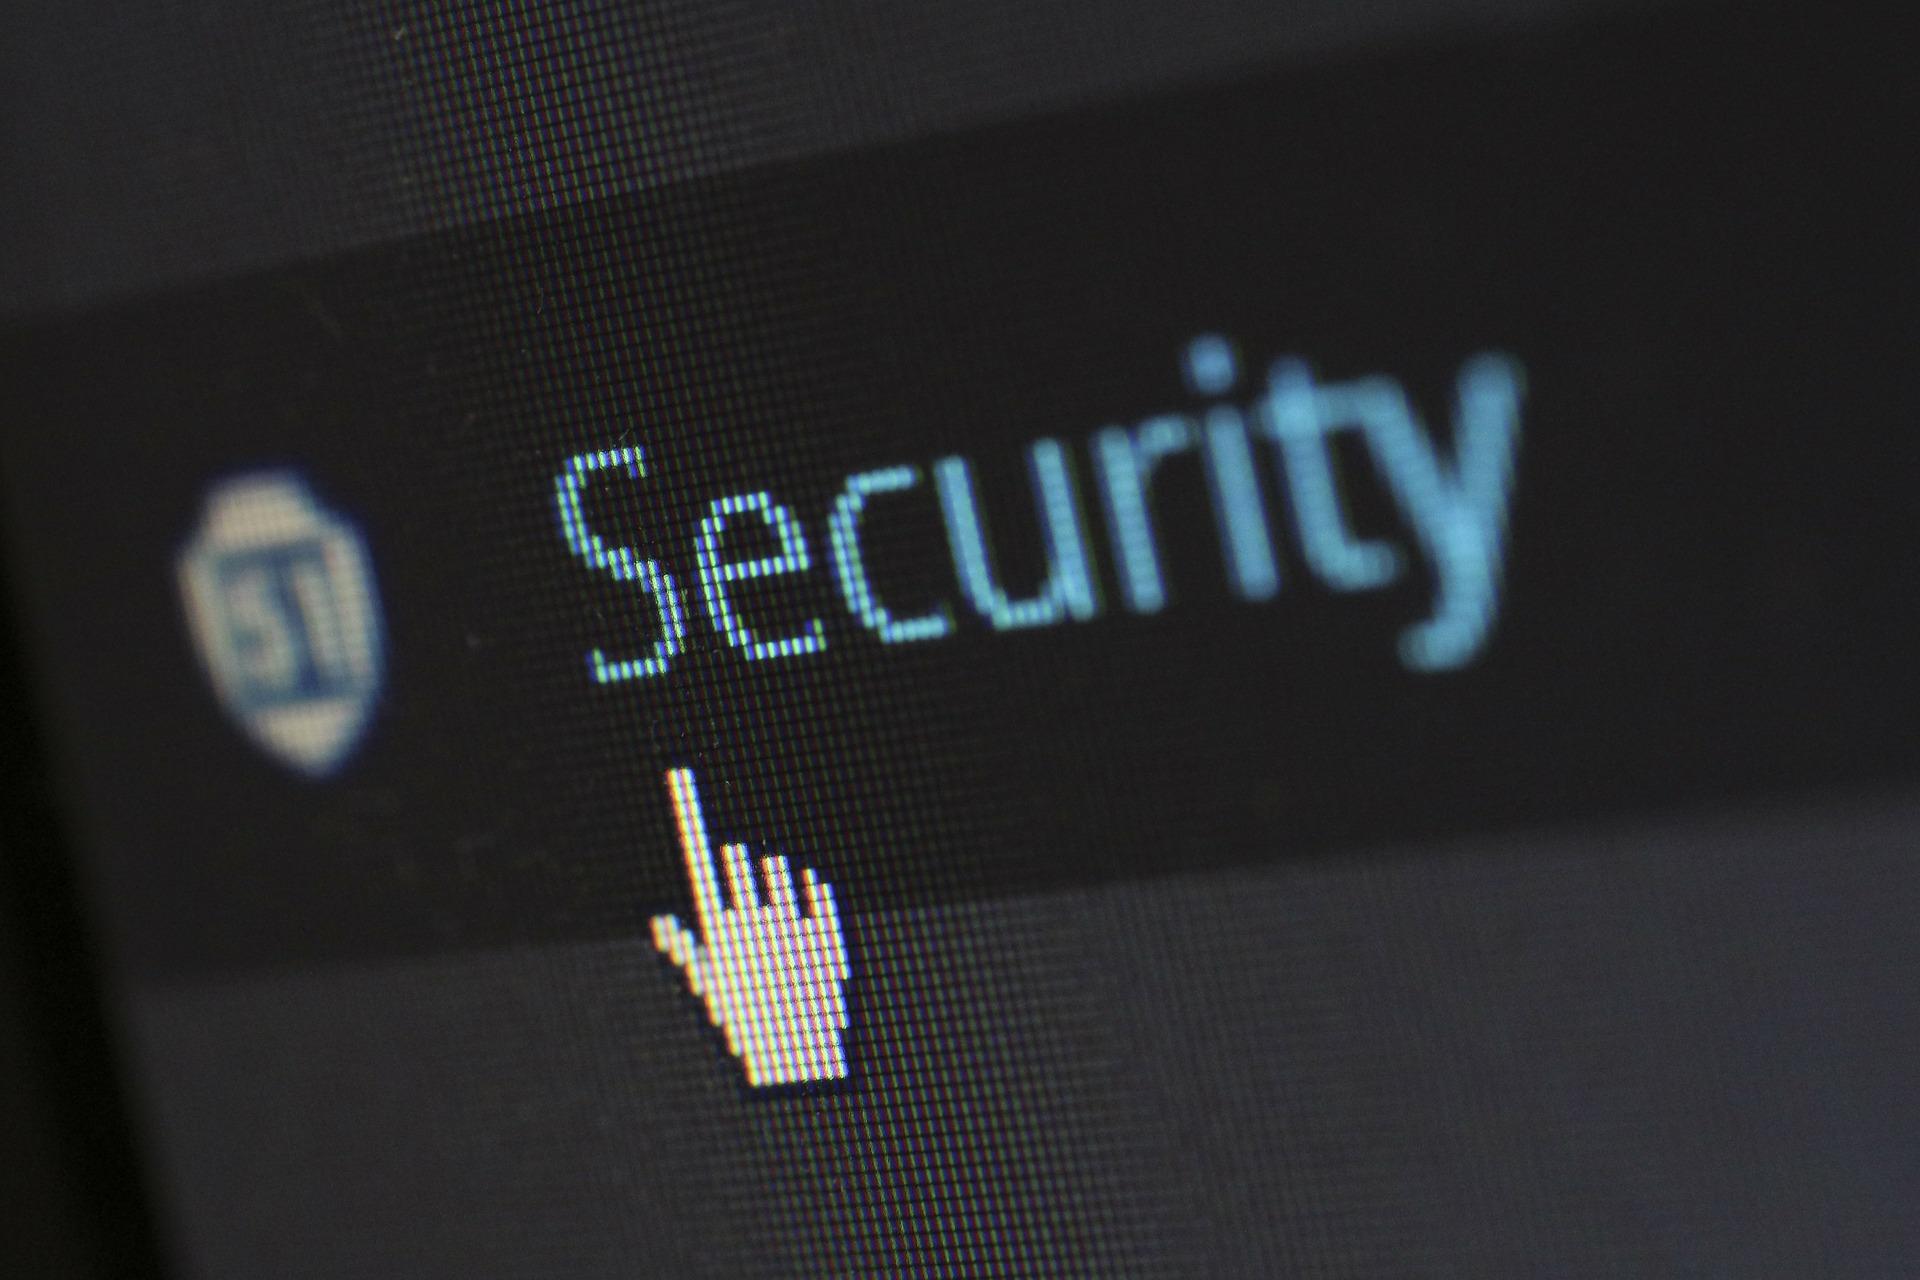 Obrázek: Co je nejrozšířenější kybernetickou hrozbou dneška? ESET představil nový software na boj proti ransomwaru